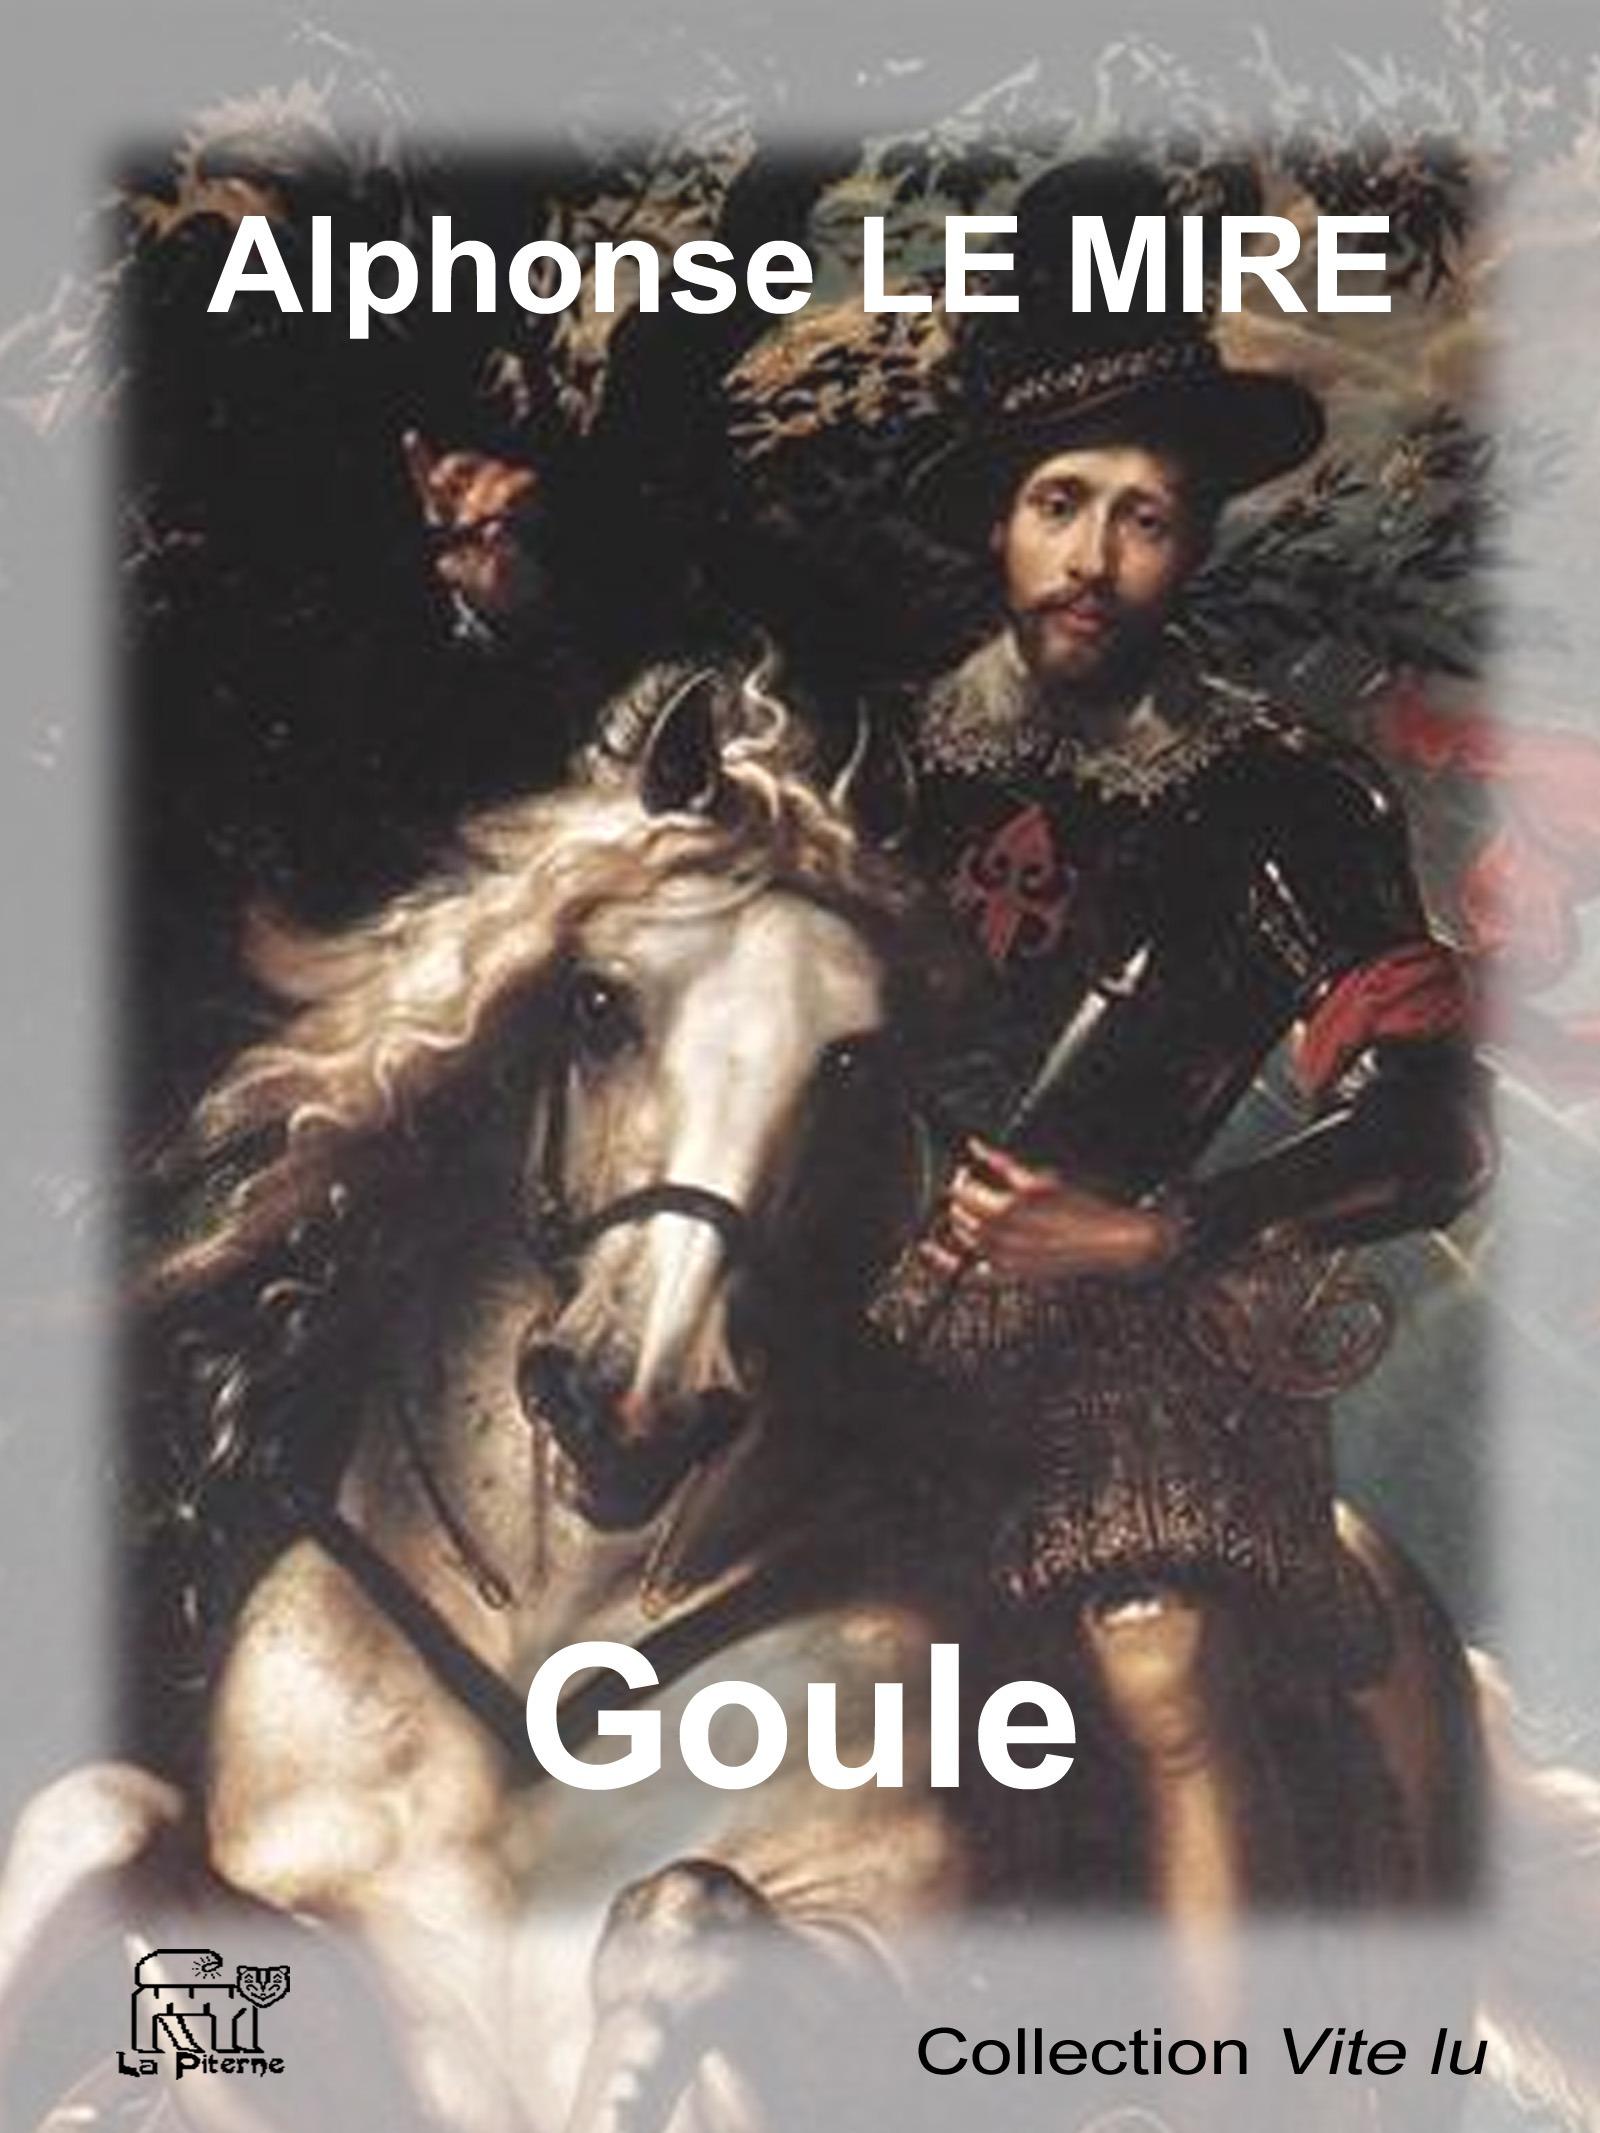 Goule, CONTE FANTASTIQUE